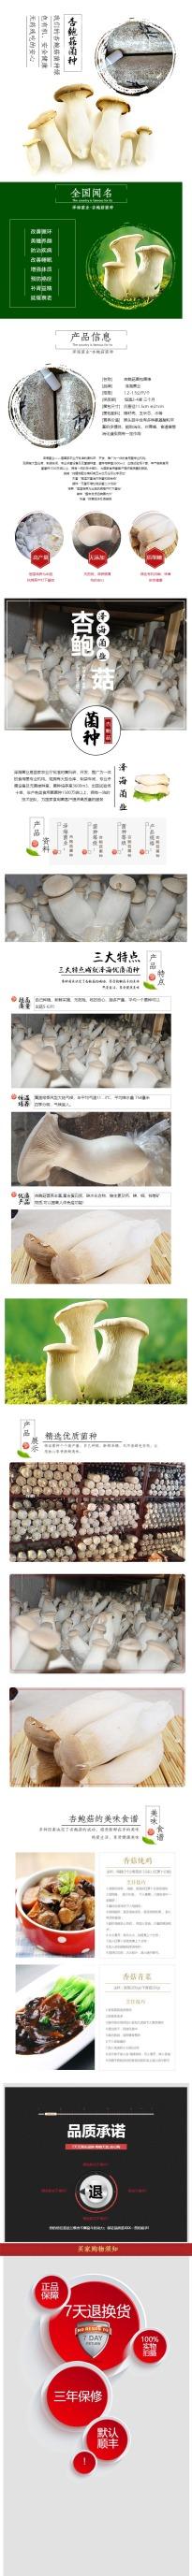 清新简约百货零售美食干货杏鲍菇促销电商详情页